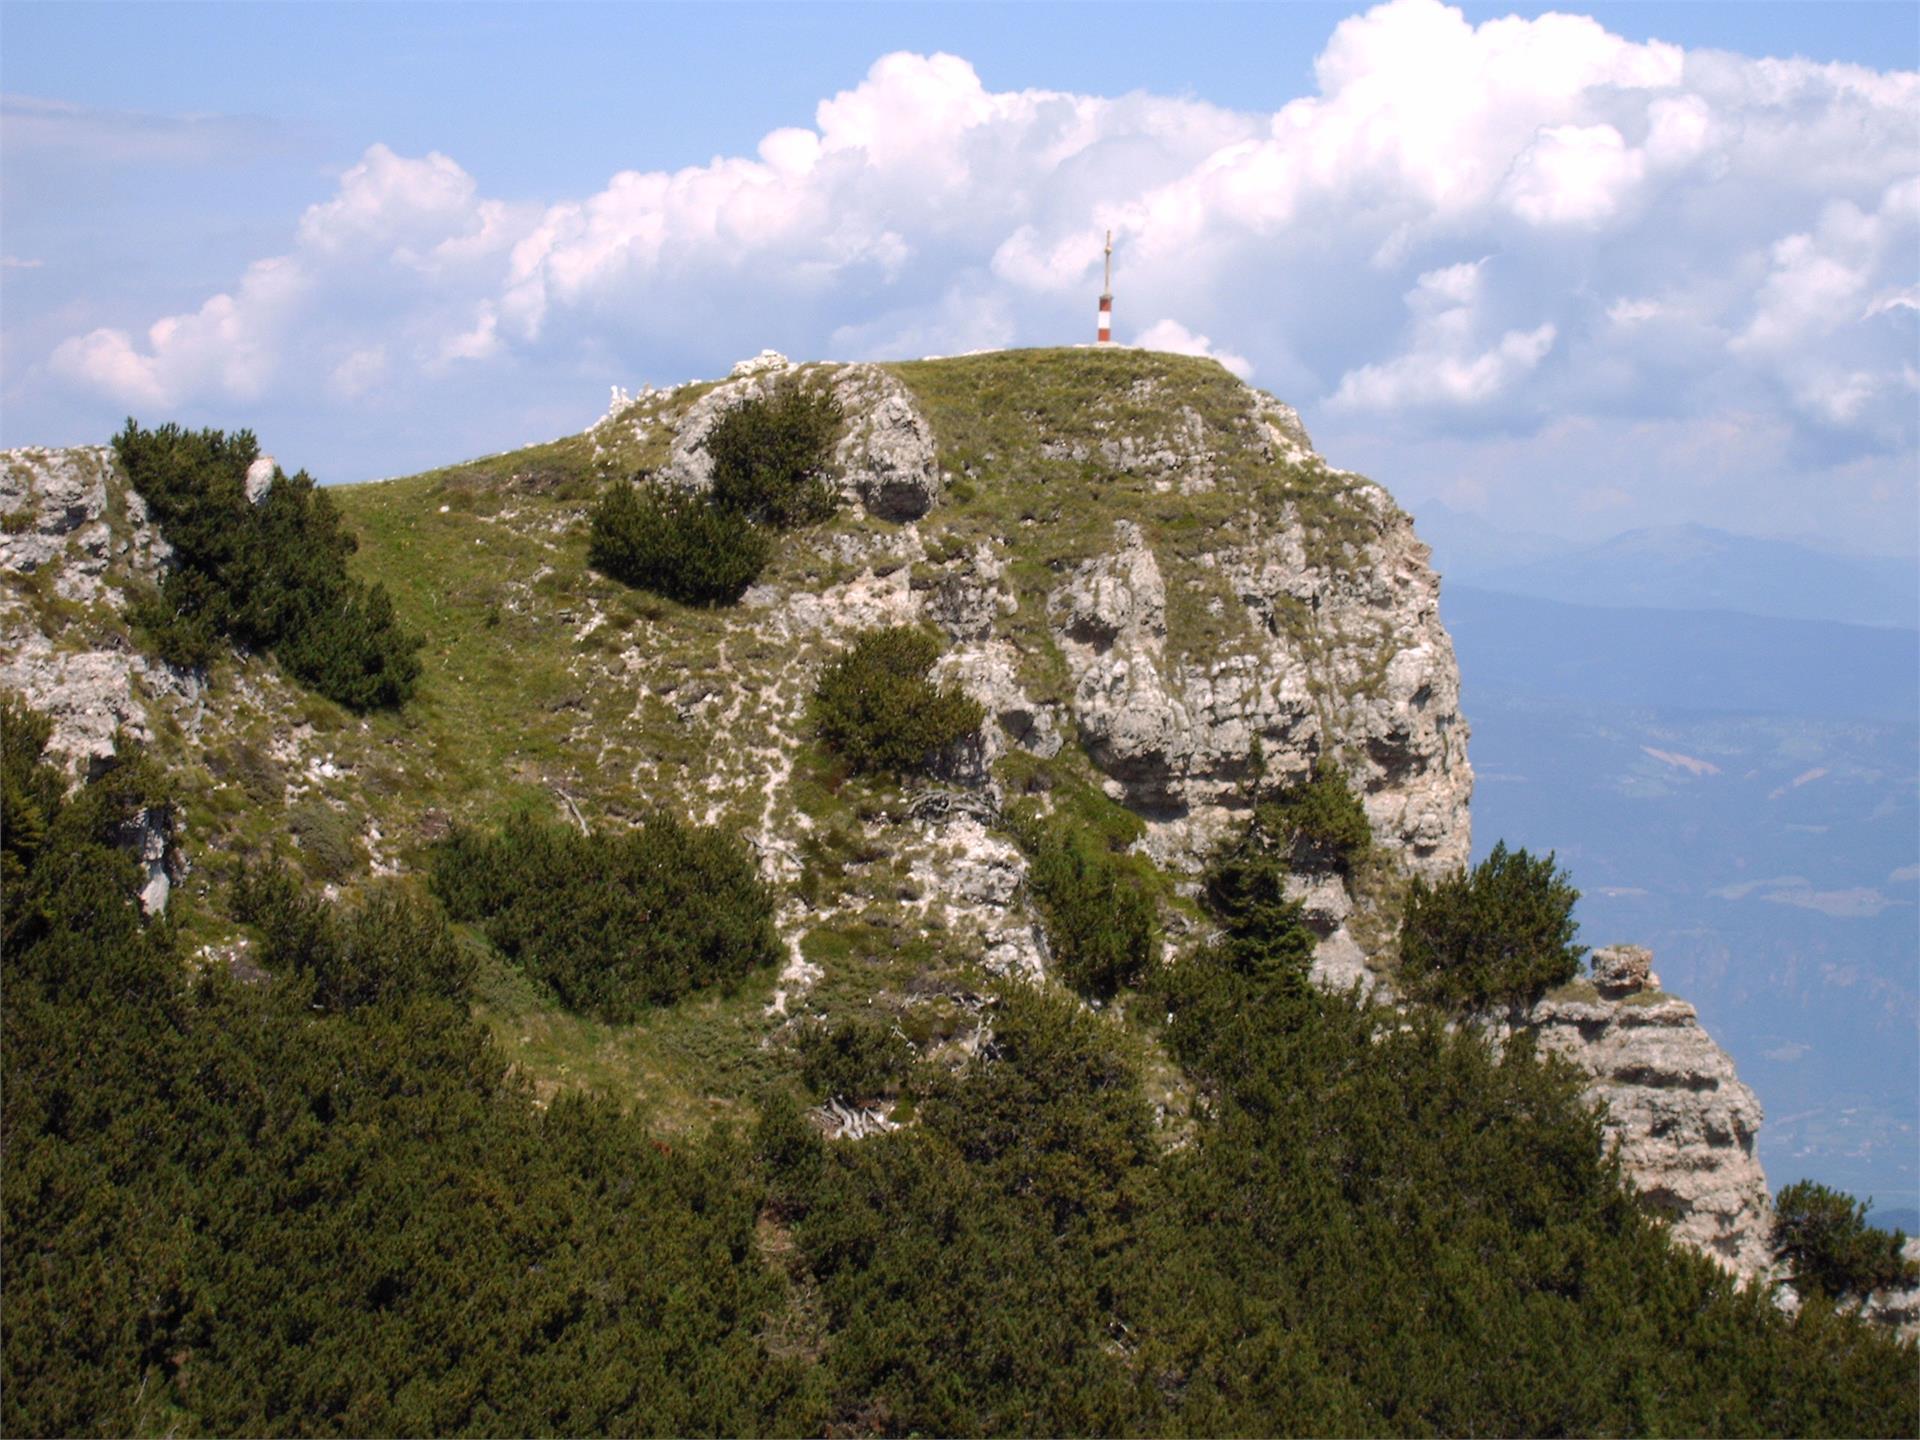 Monte Roen/Roenspitze